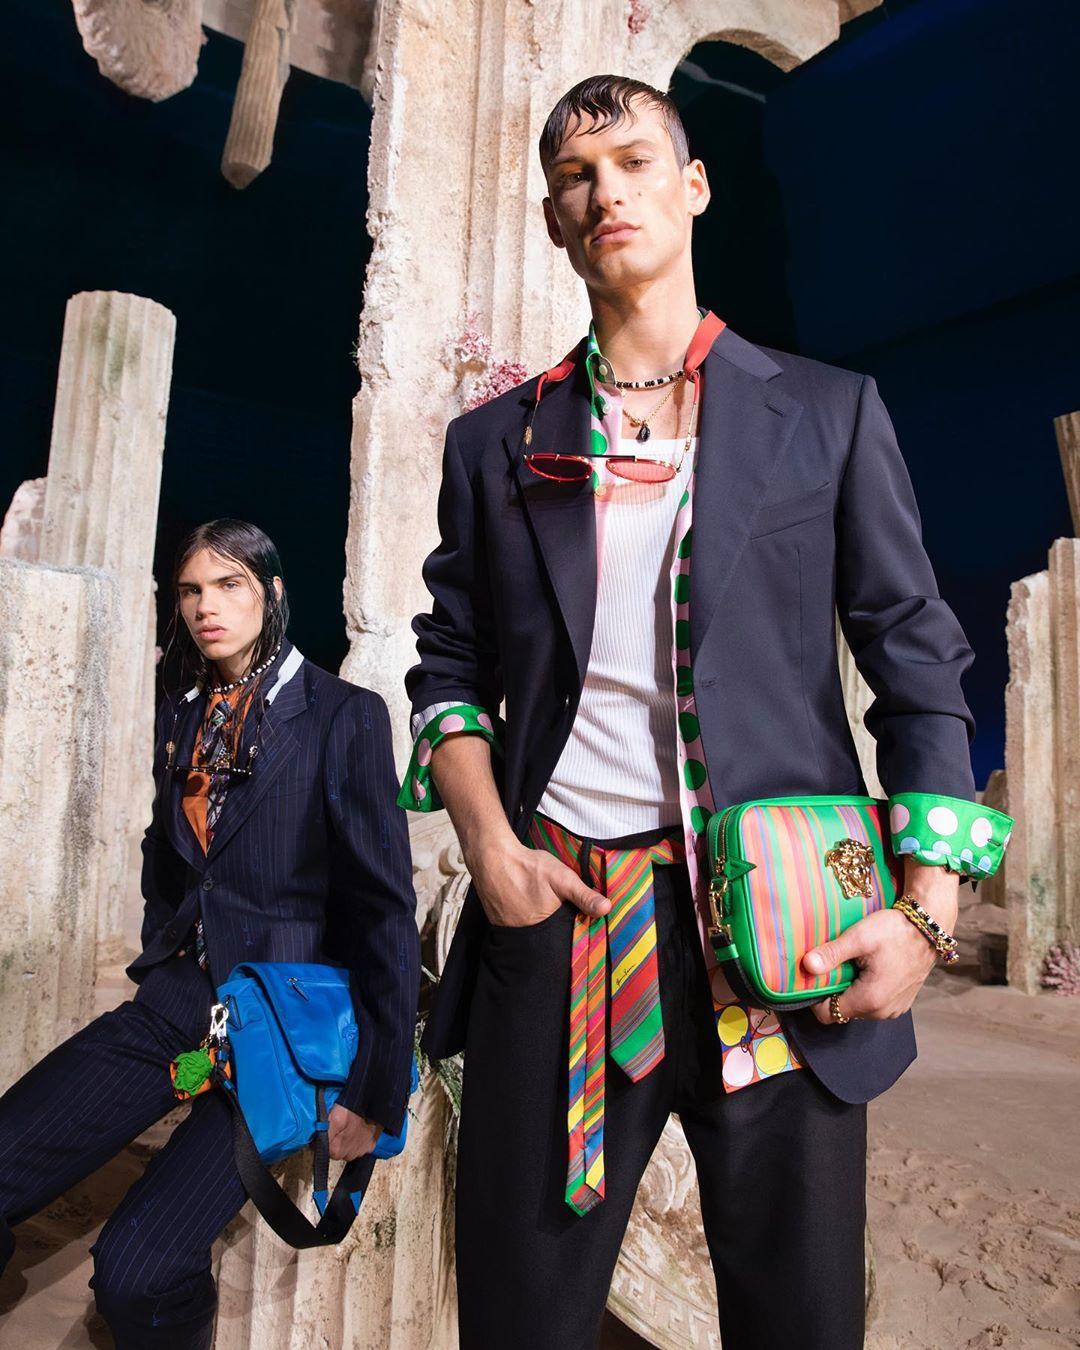 versace fashion: 5